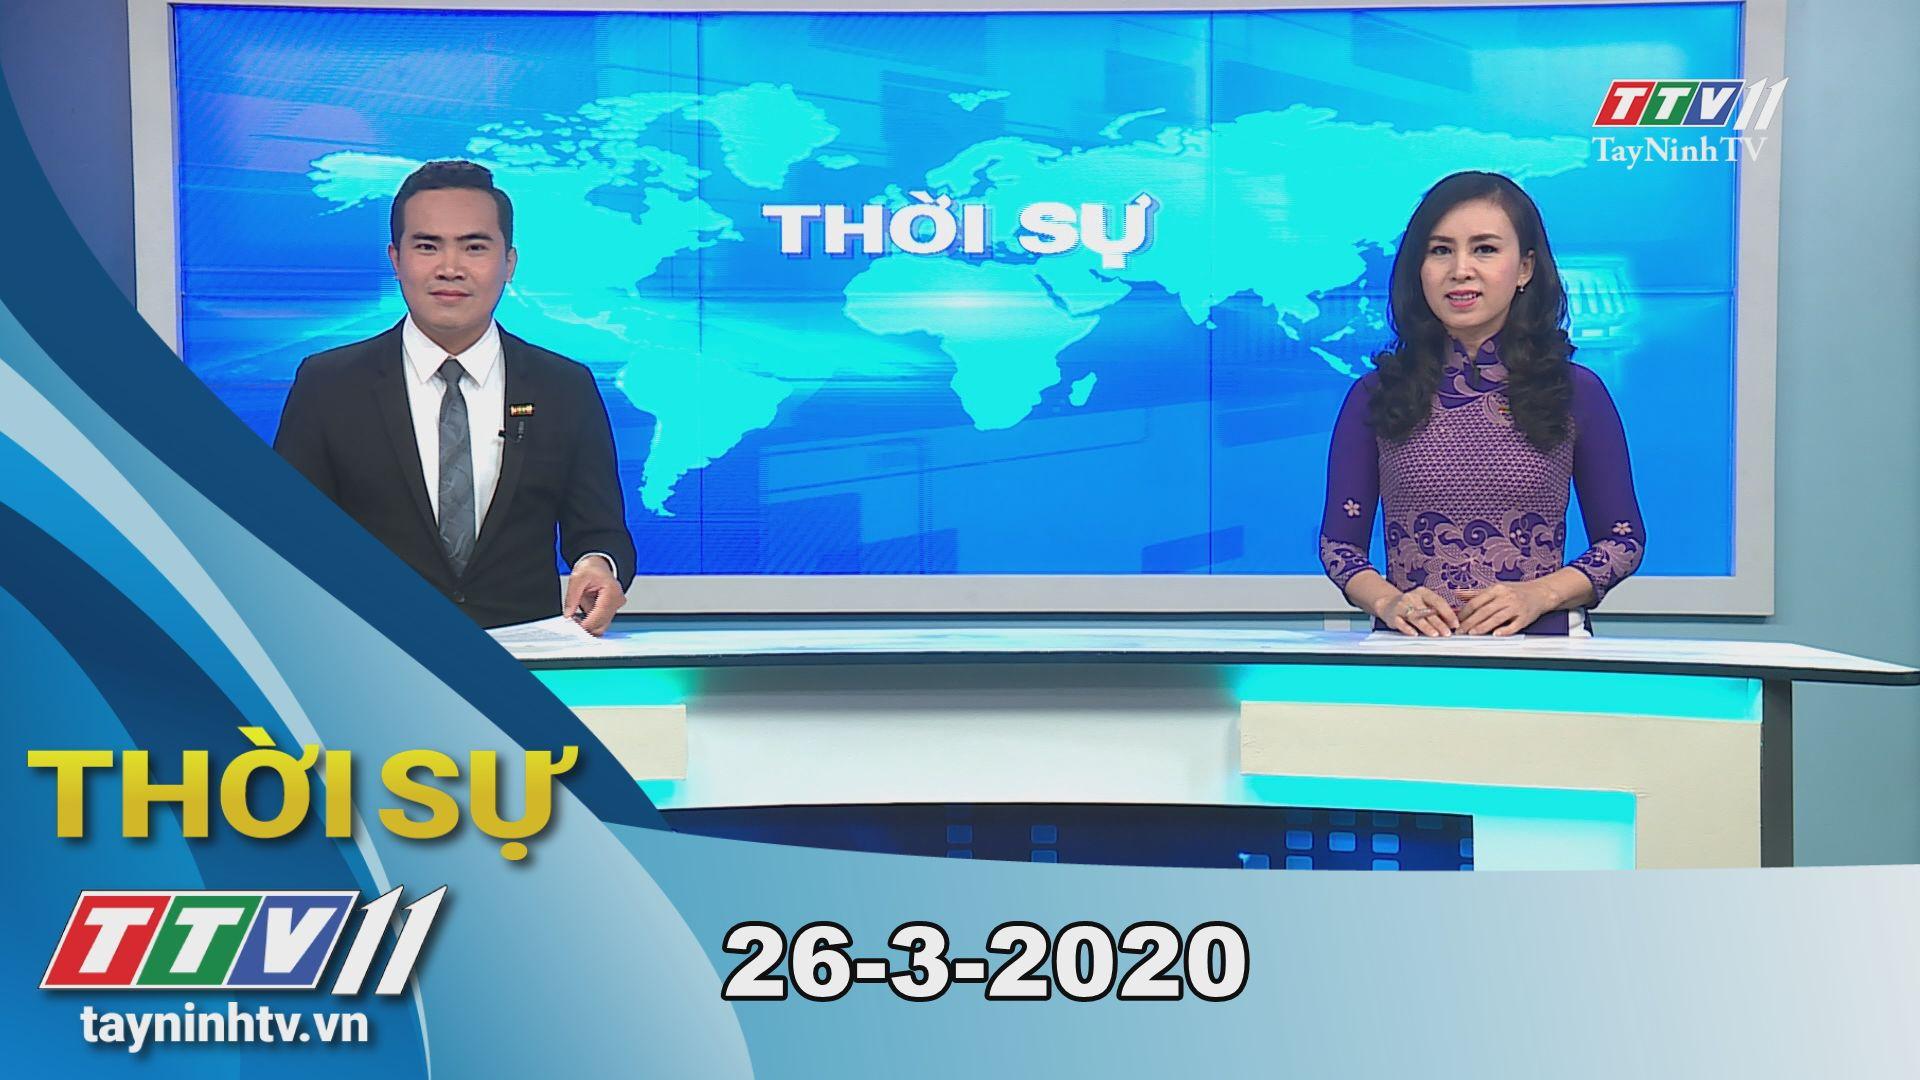 Thời sự Tây Ninh 26-3-2020 | Tin tức hôm nay | TayNinhTV